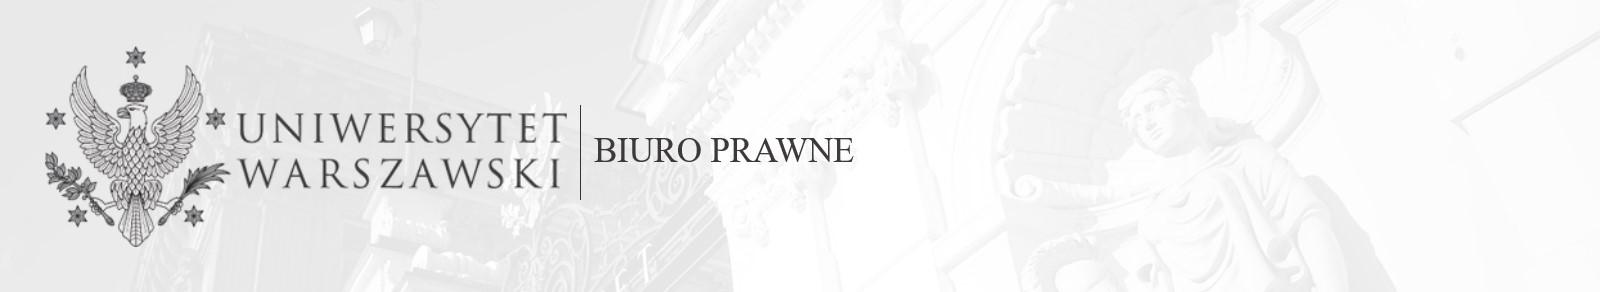 bp.uw.edu.pl